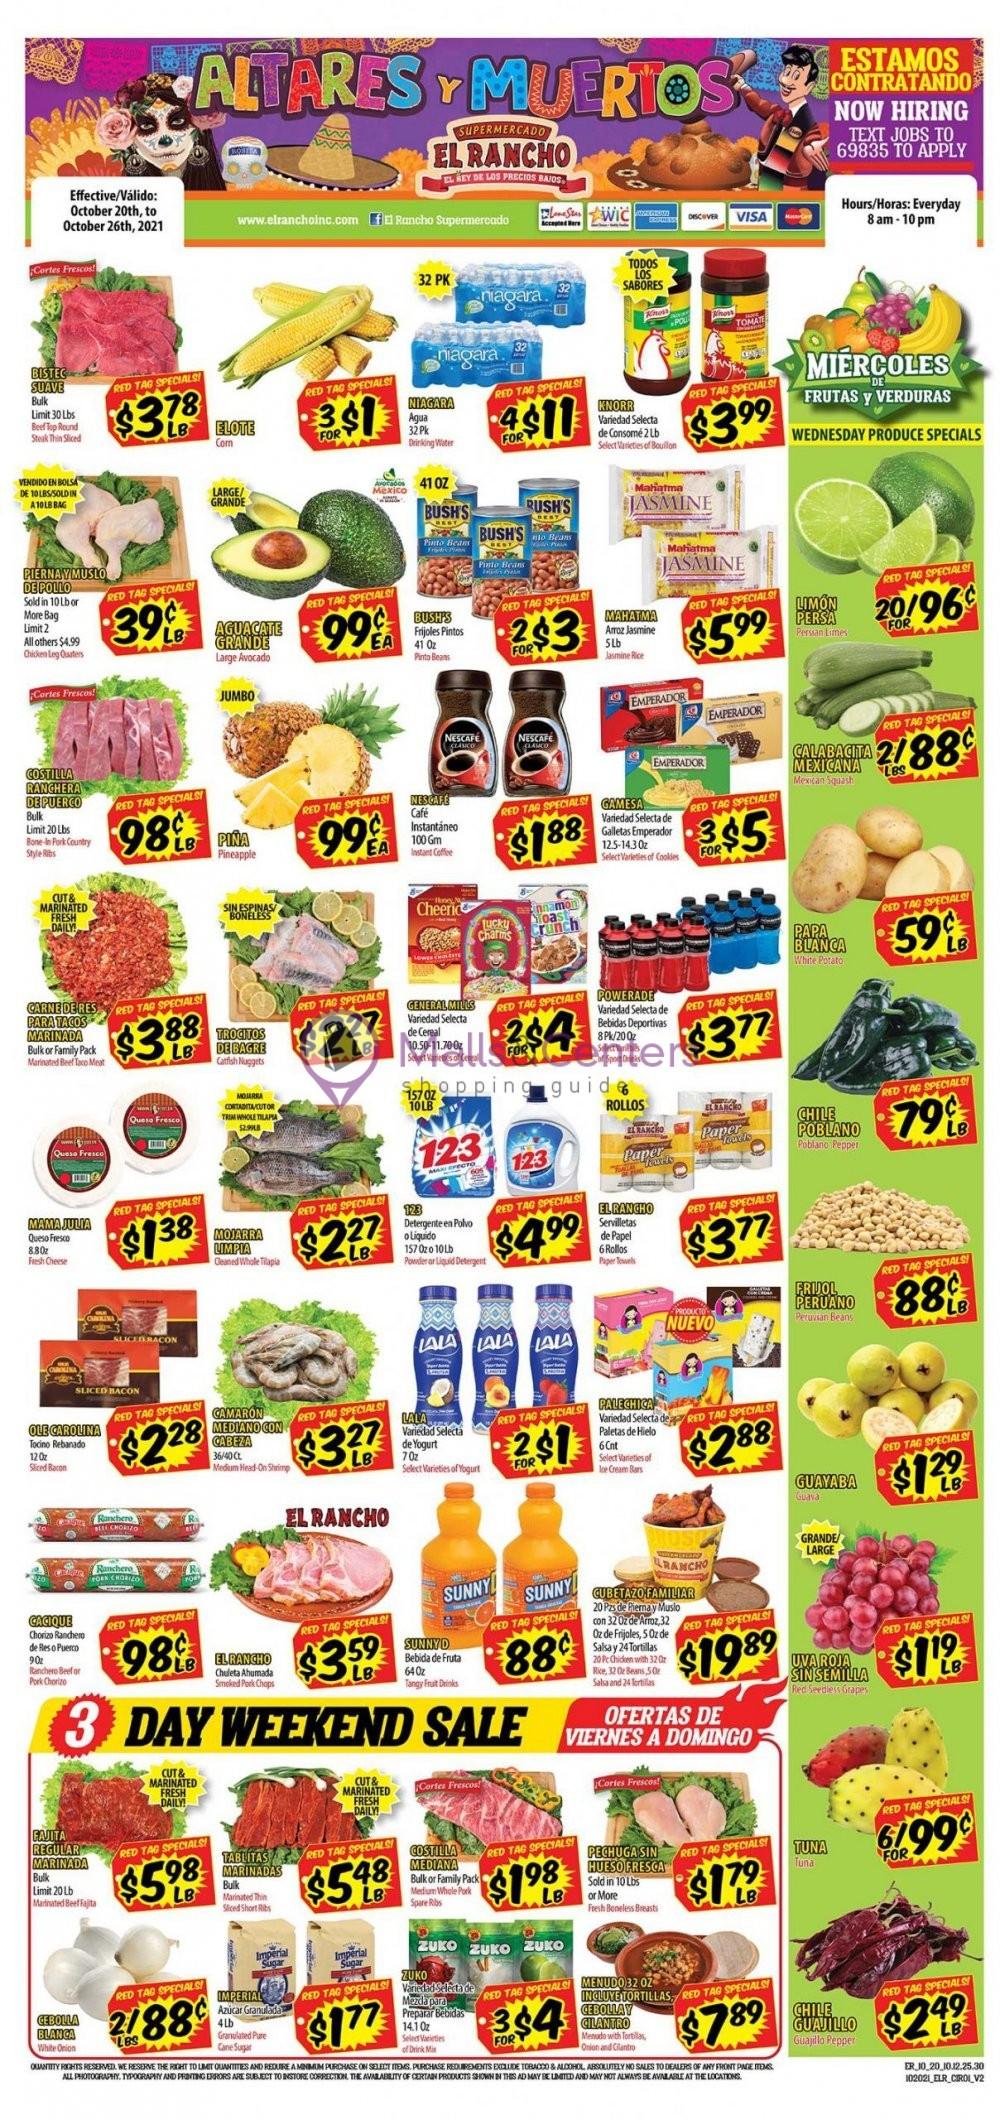 weekly ads El Rancho Supermercado - page 1 - mallscenters.com